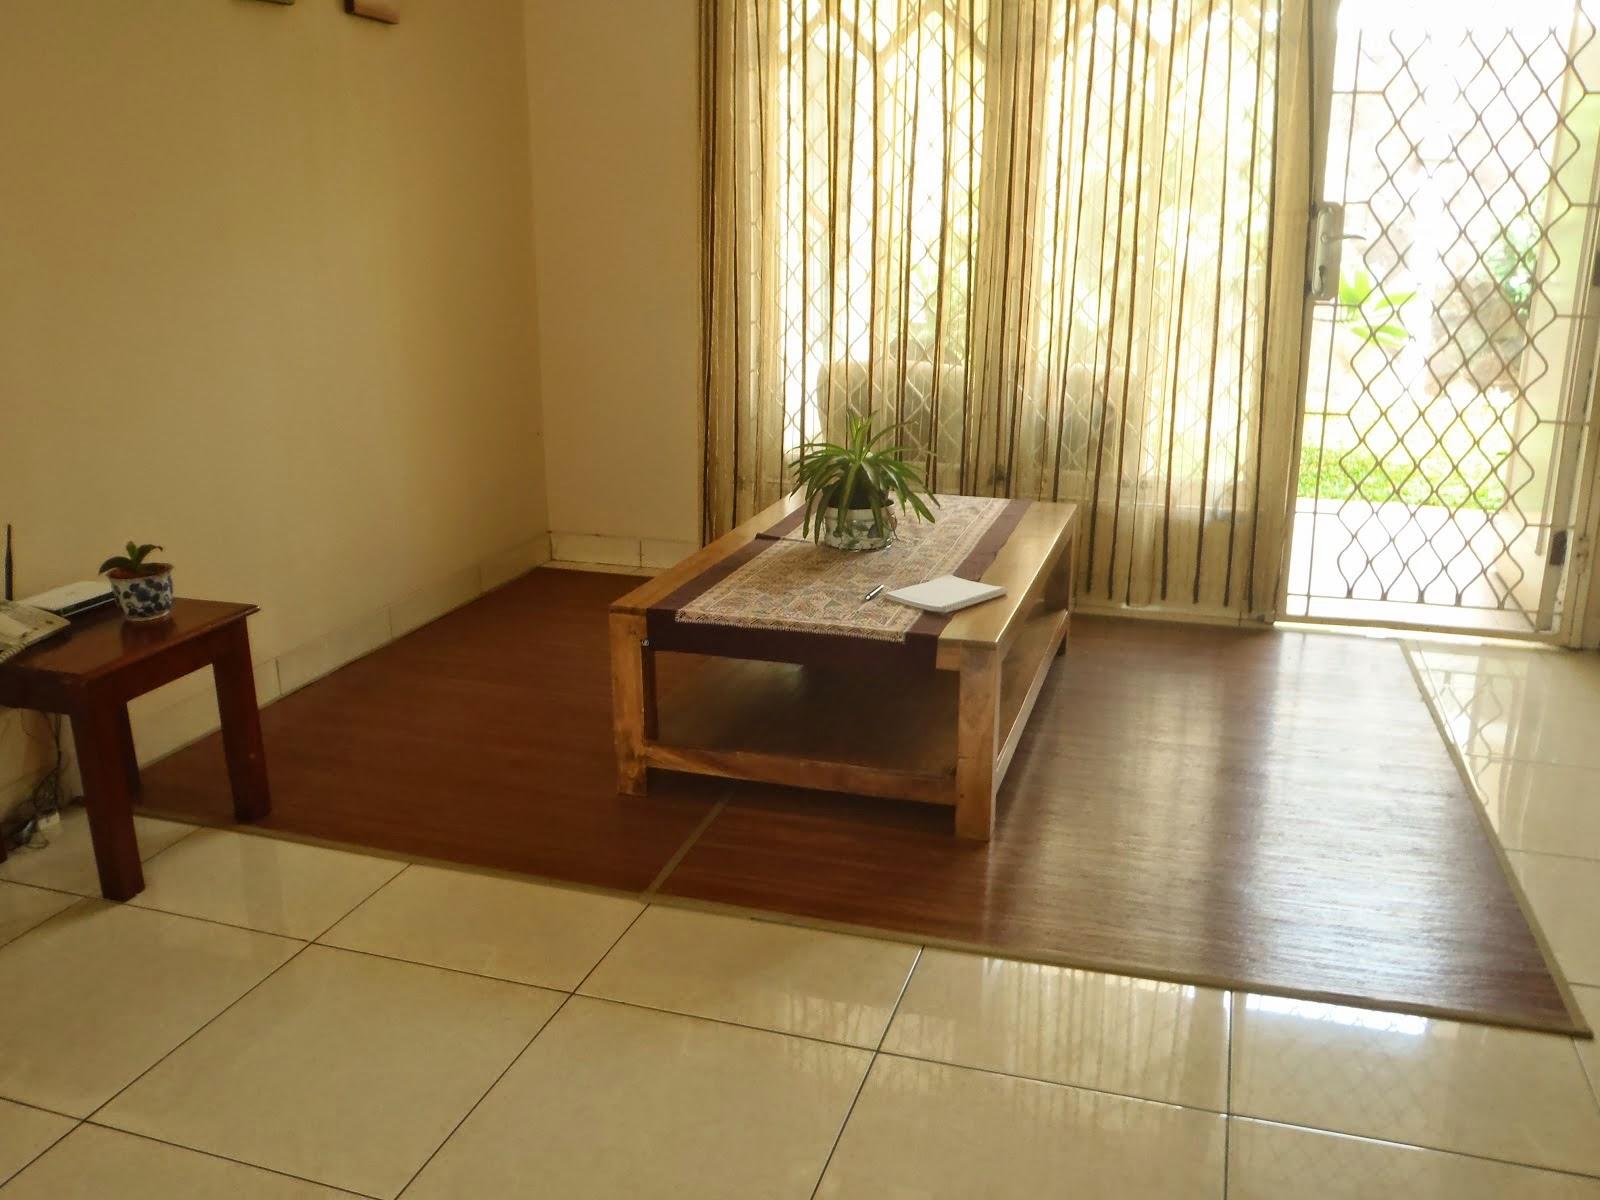 Ruang+tamu+tanpa+sofa+3